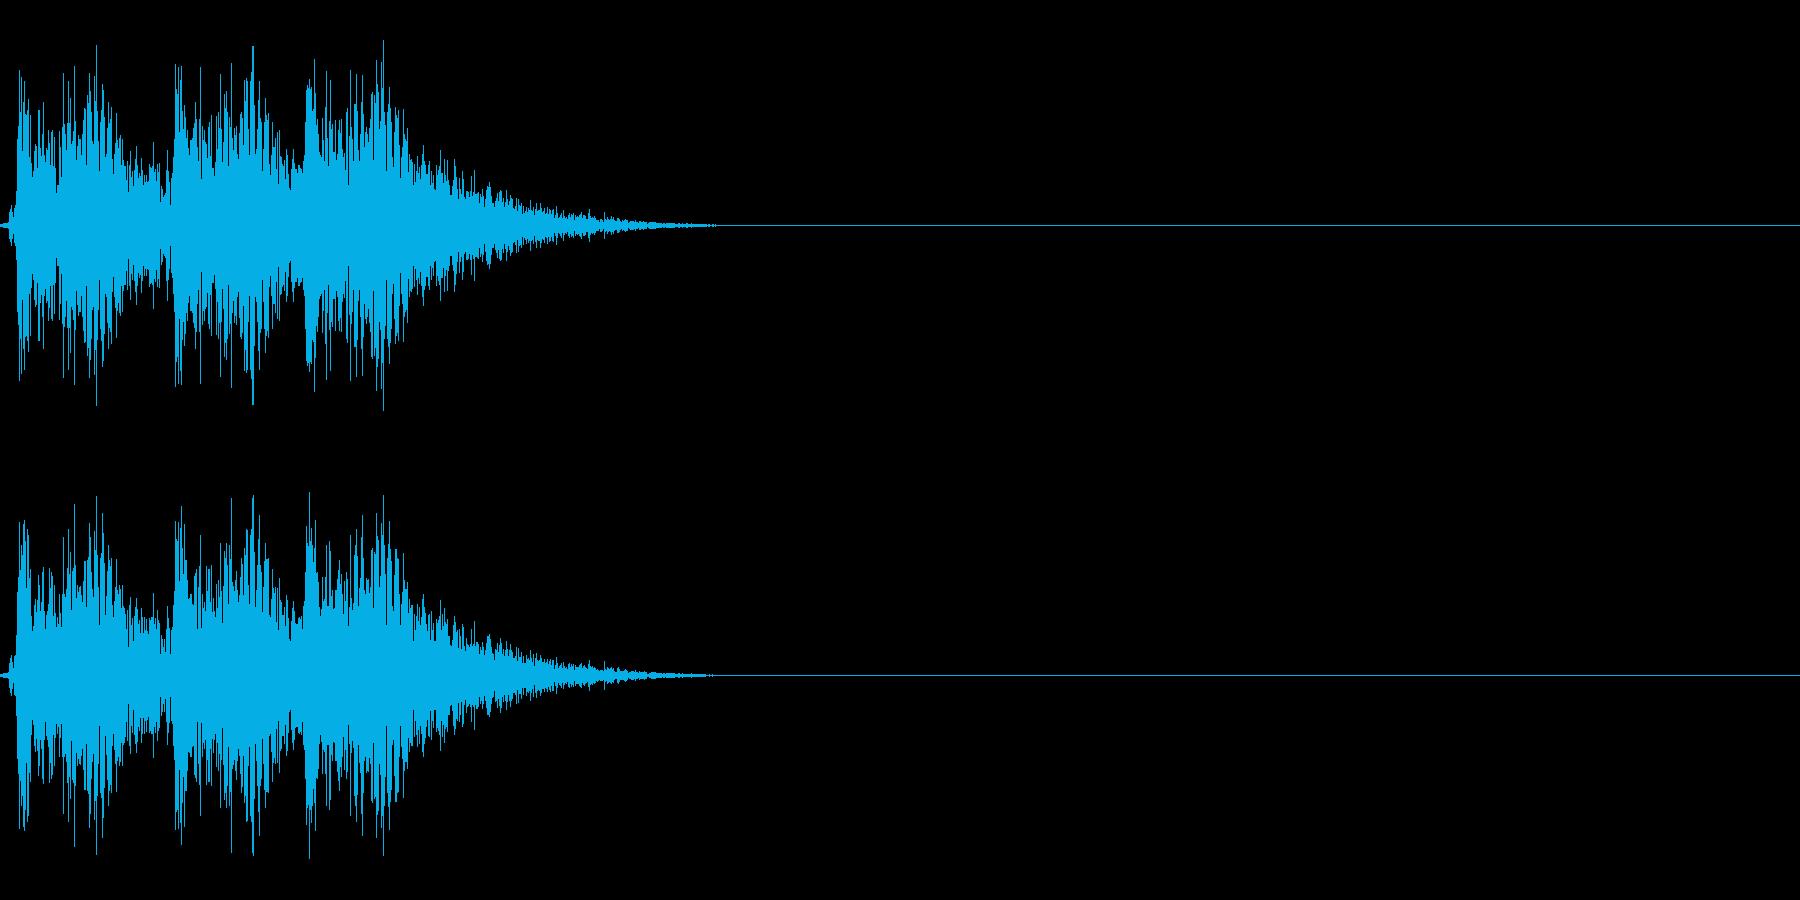 【打撃05-3】の再生済みの波形